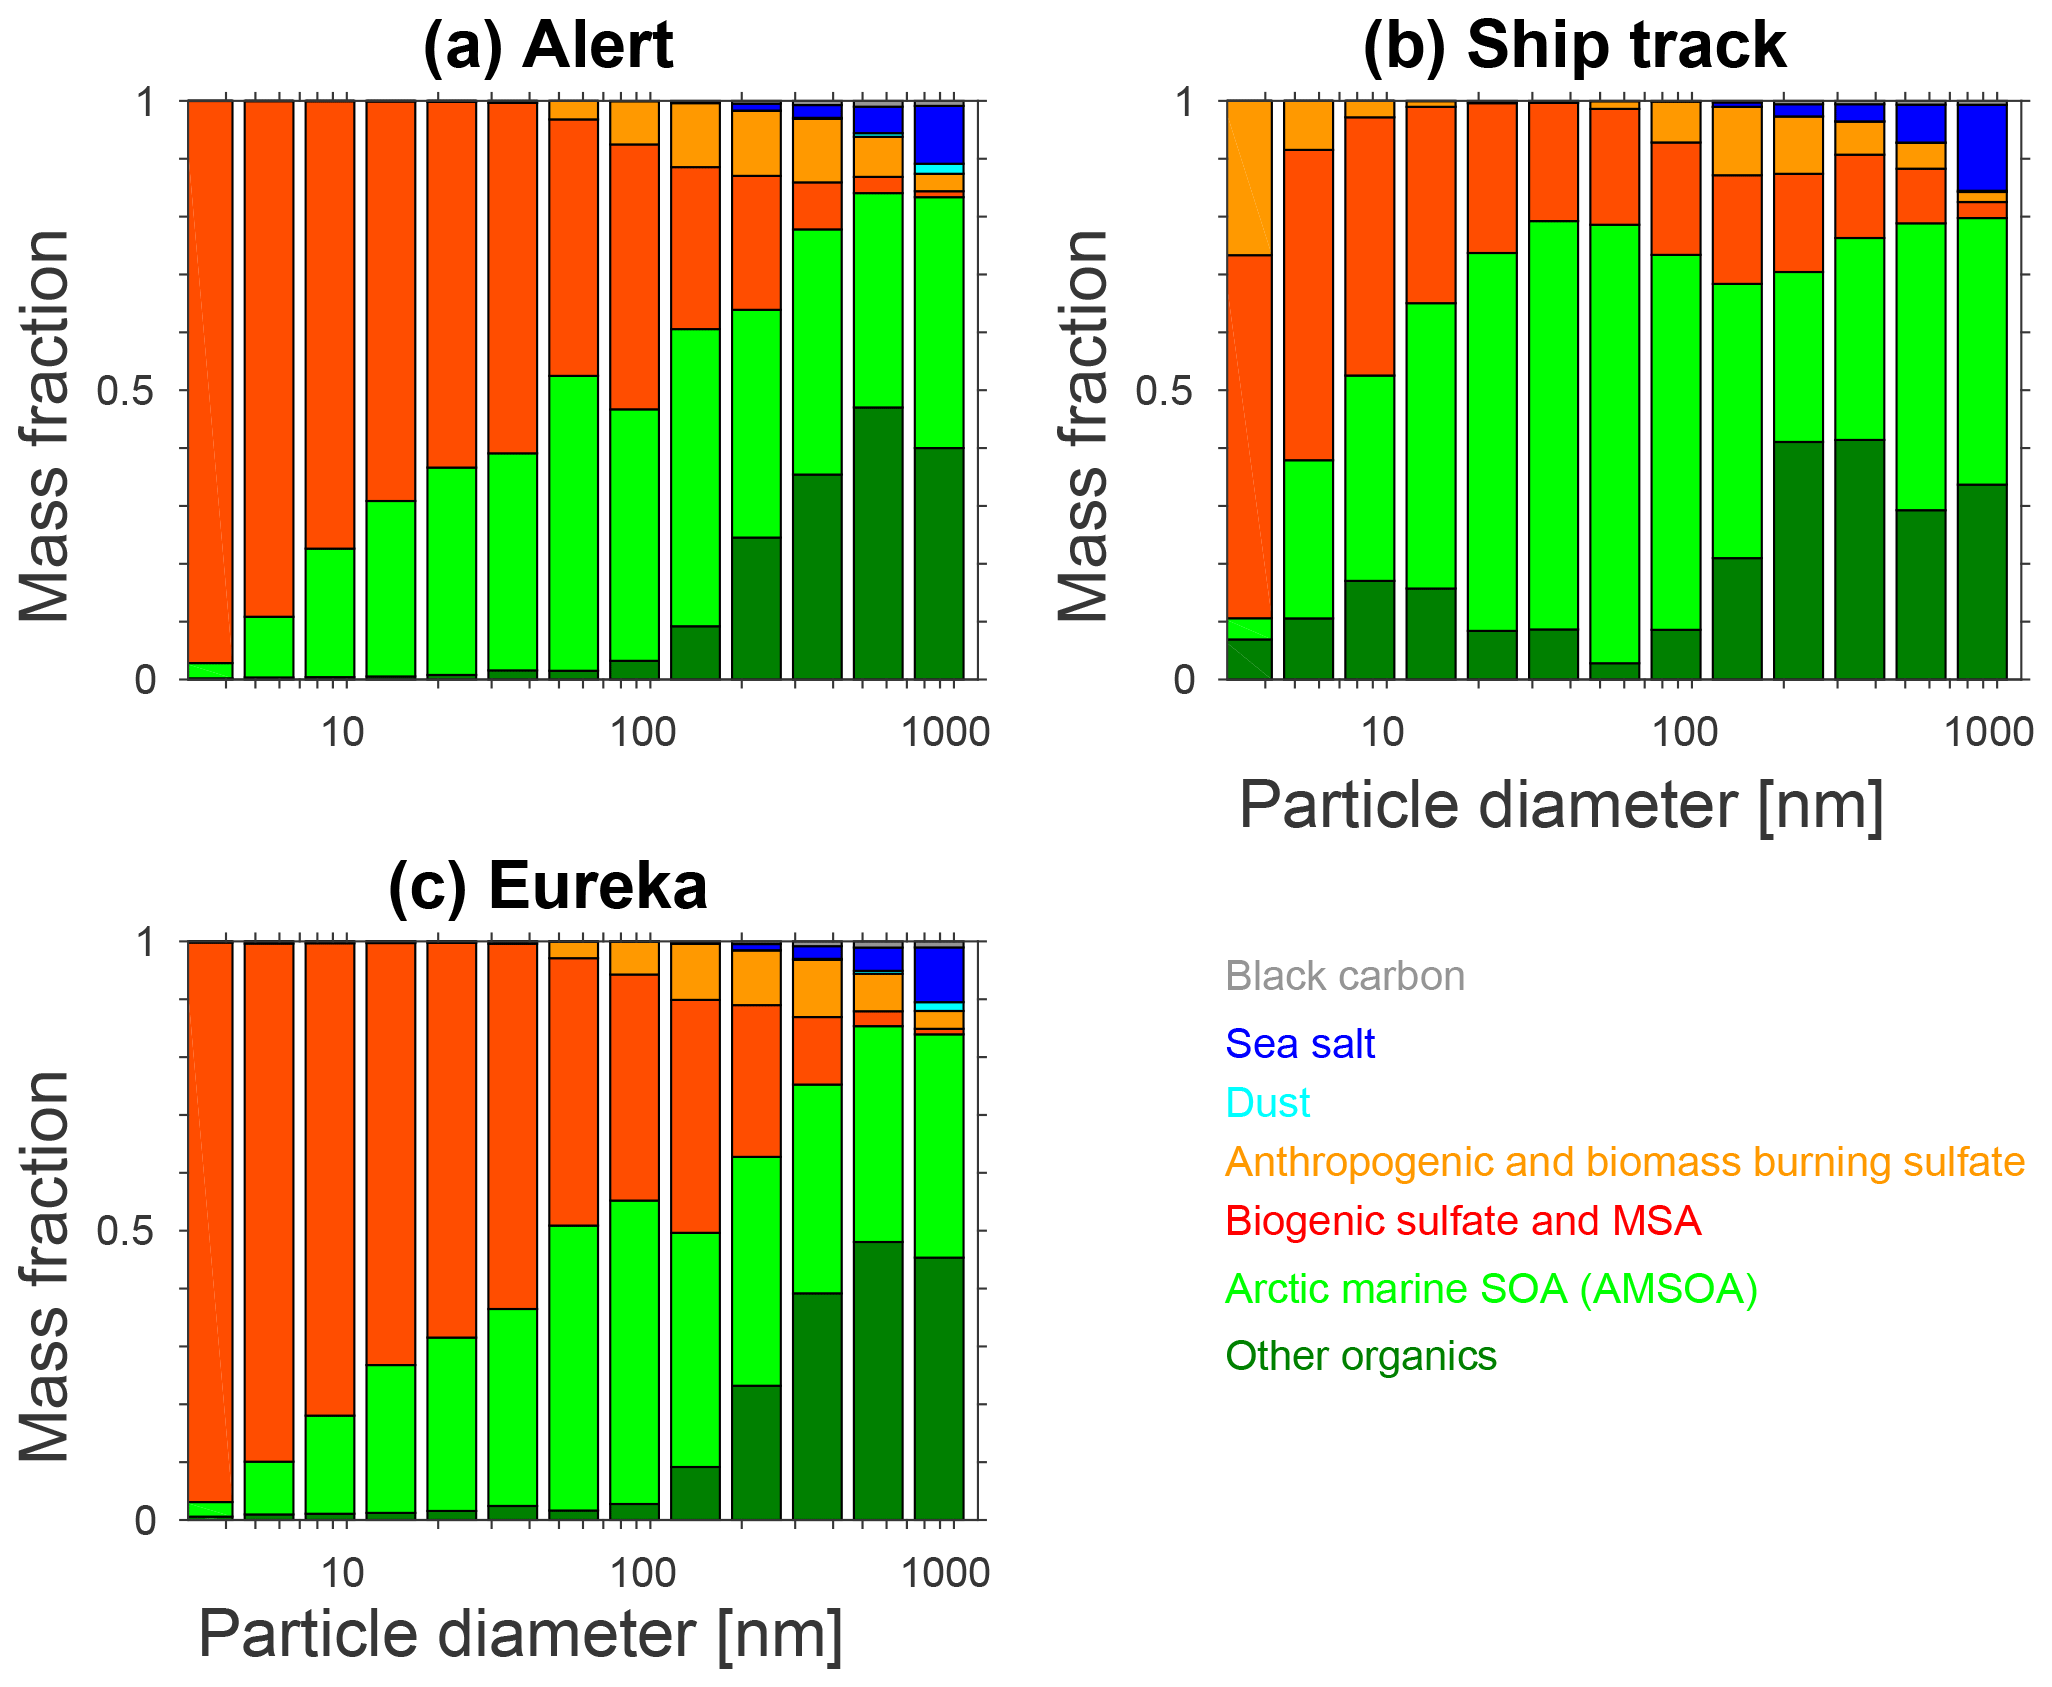 ACP - Arctic marine secondary organic aerosol contributes